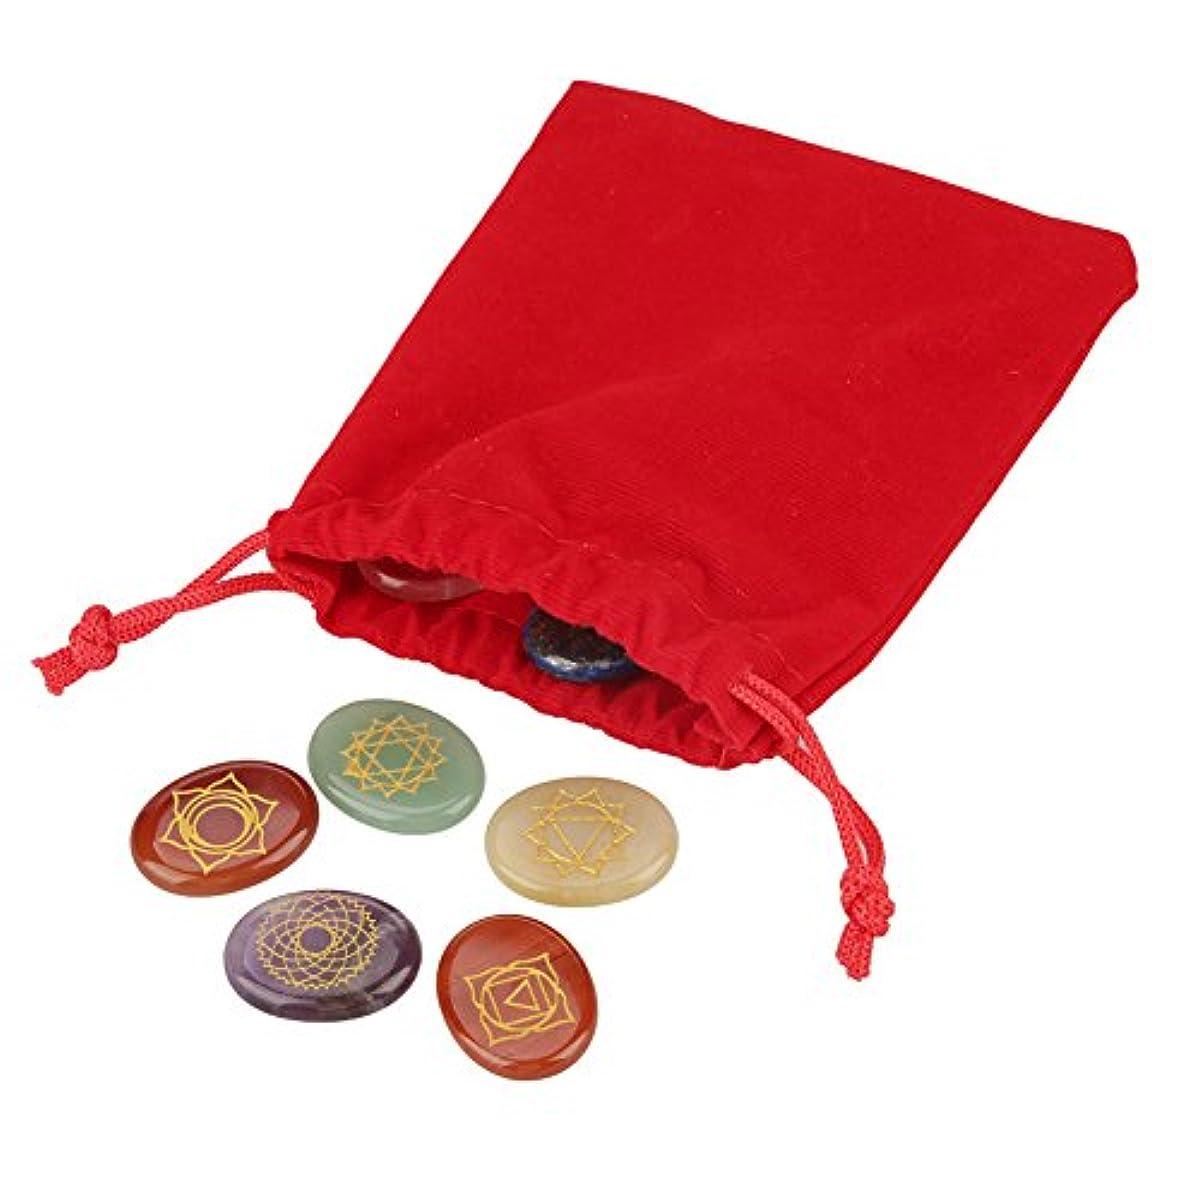 骨の折れる異議学生7個/セット刻印チャクラストーンとフランネルバッグ(黒または赤)、刻印スピリチュアルヒーリング瞑想パームストーンレイキチャクラクリスタル